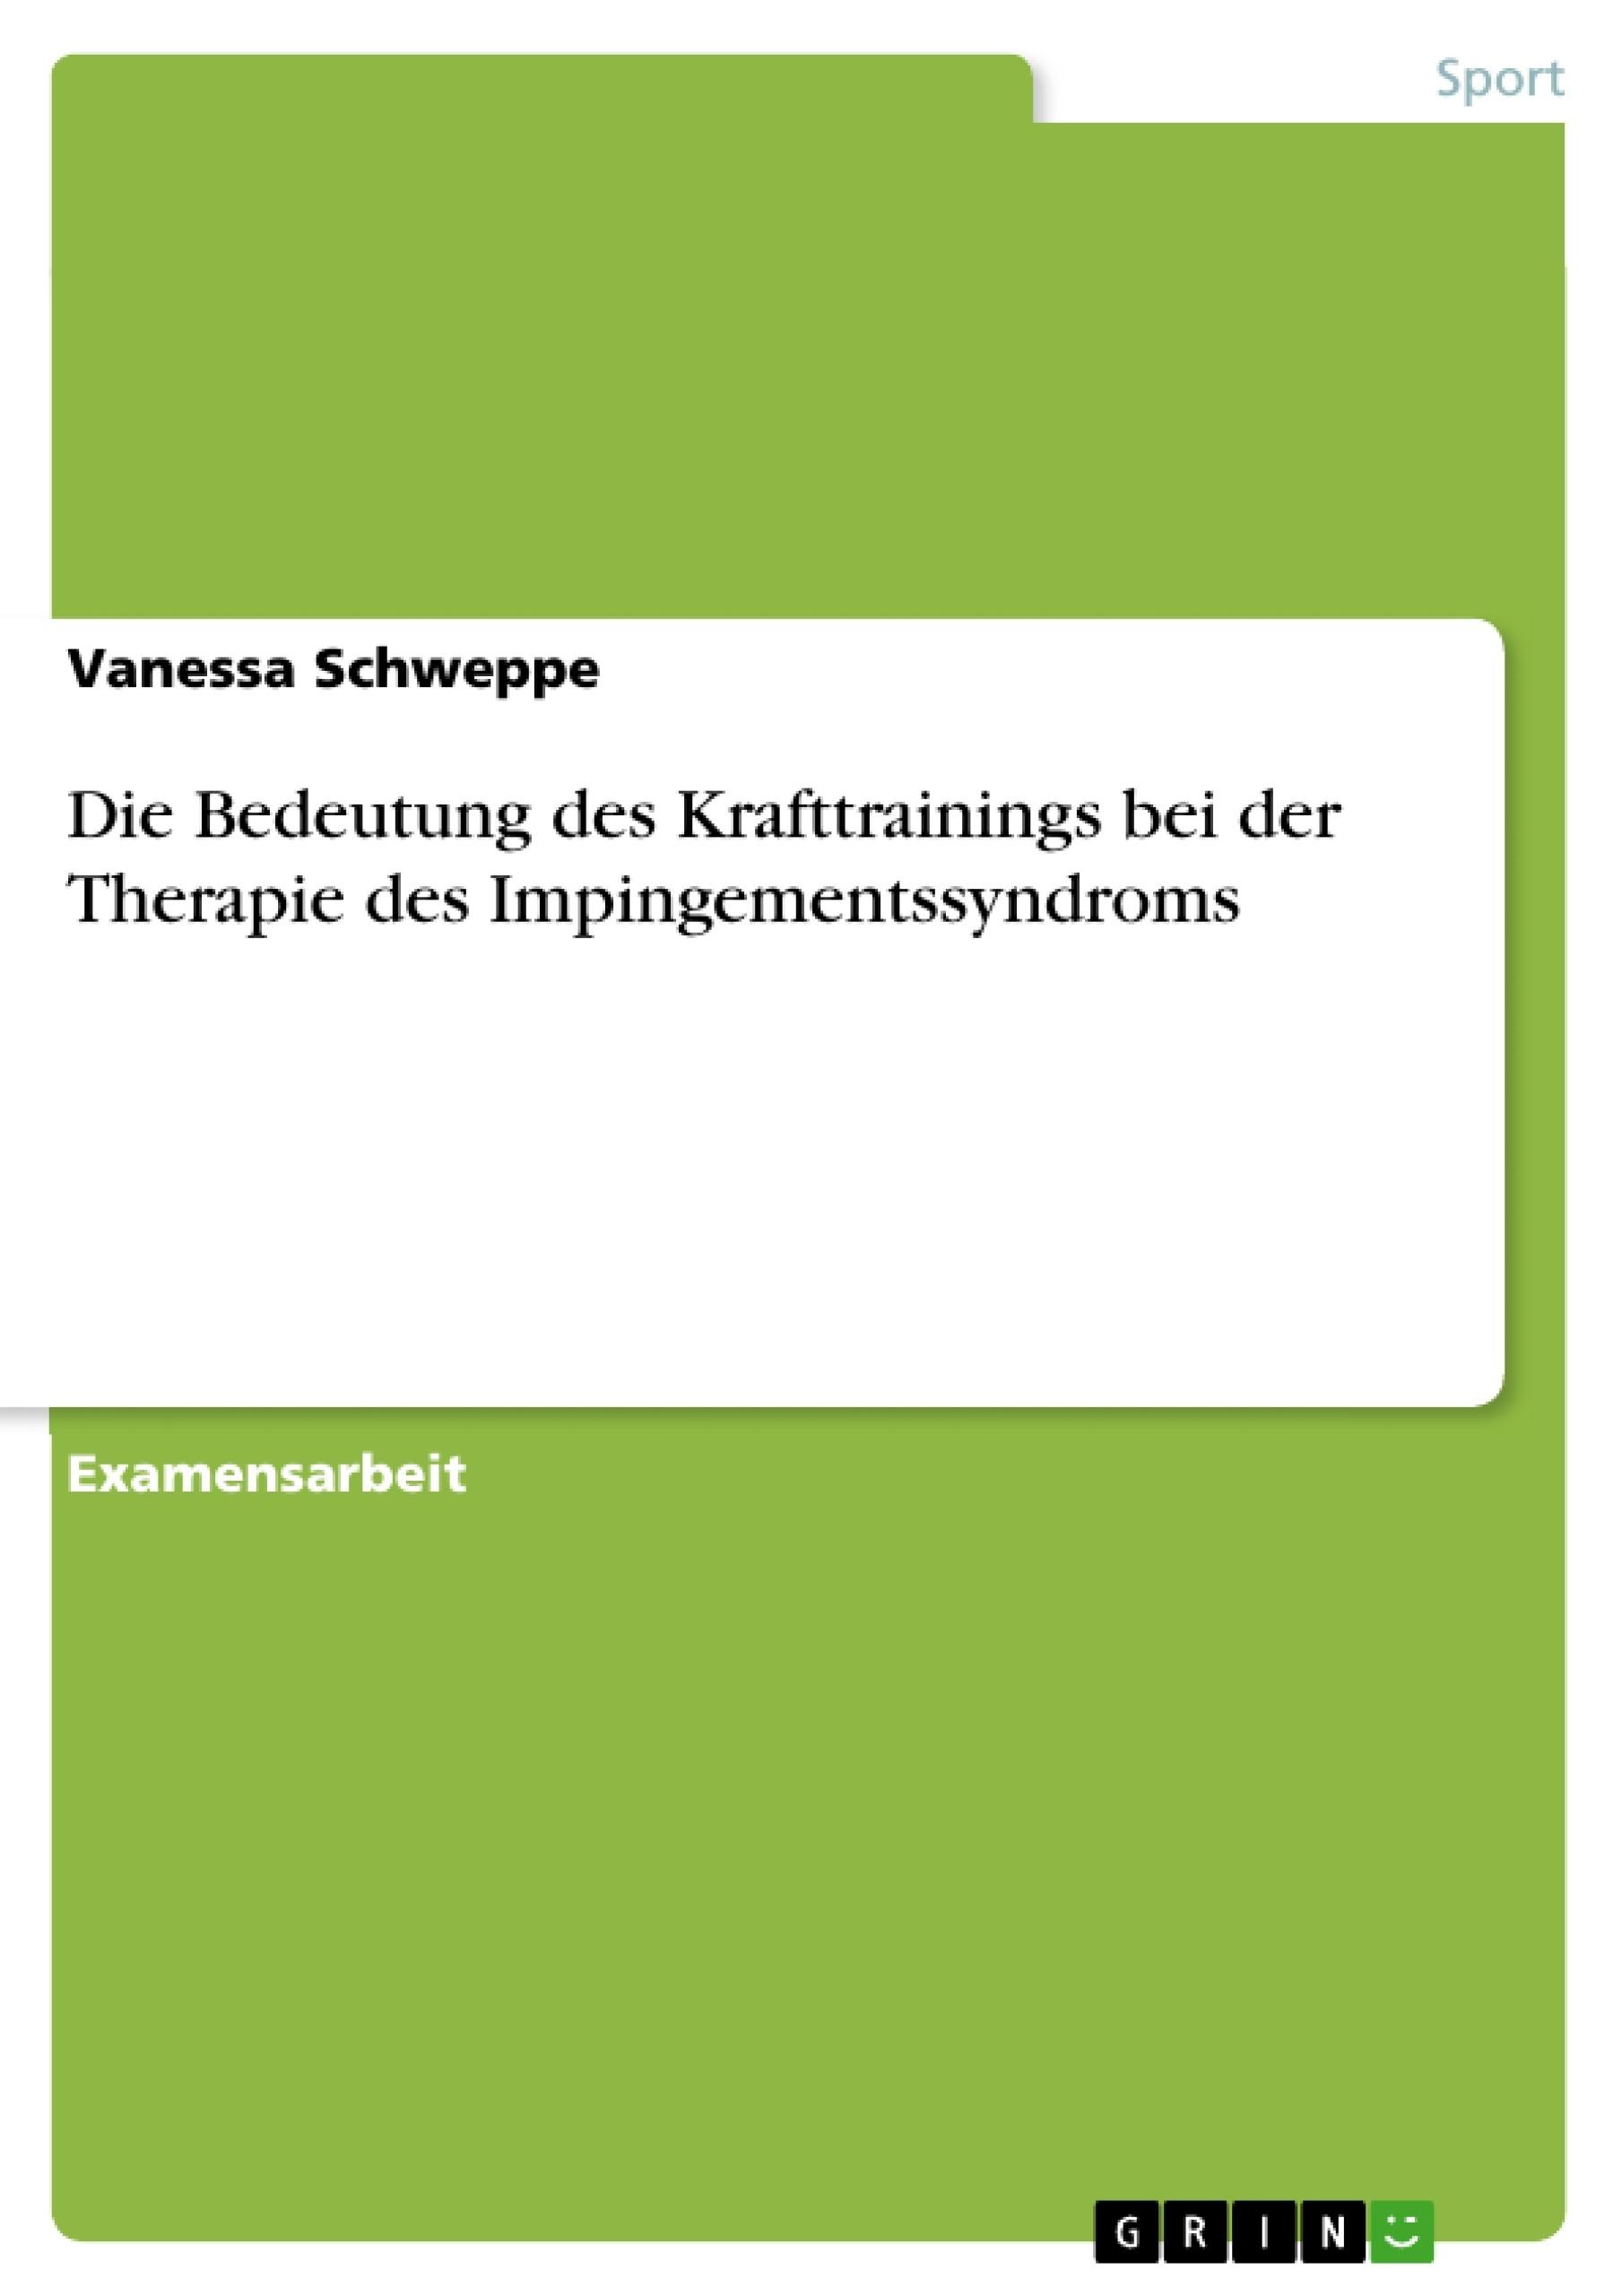 Titel: Die Bedeutung des Krafttrainings bei der Therapie des Impingementssyndroms